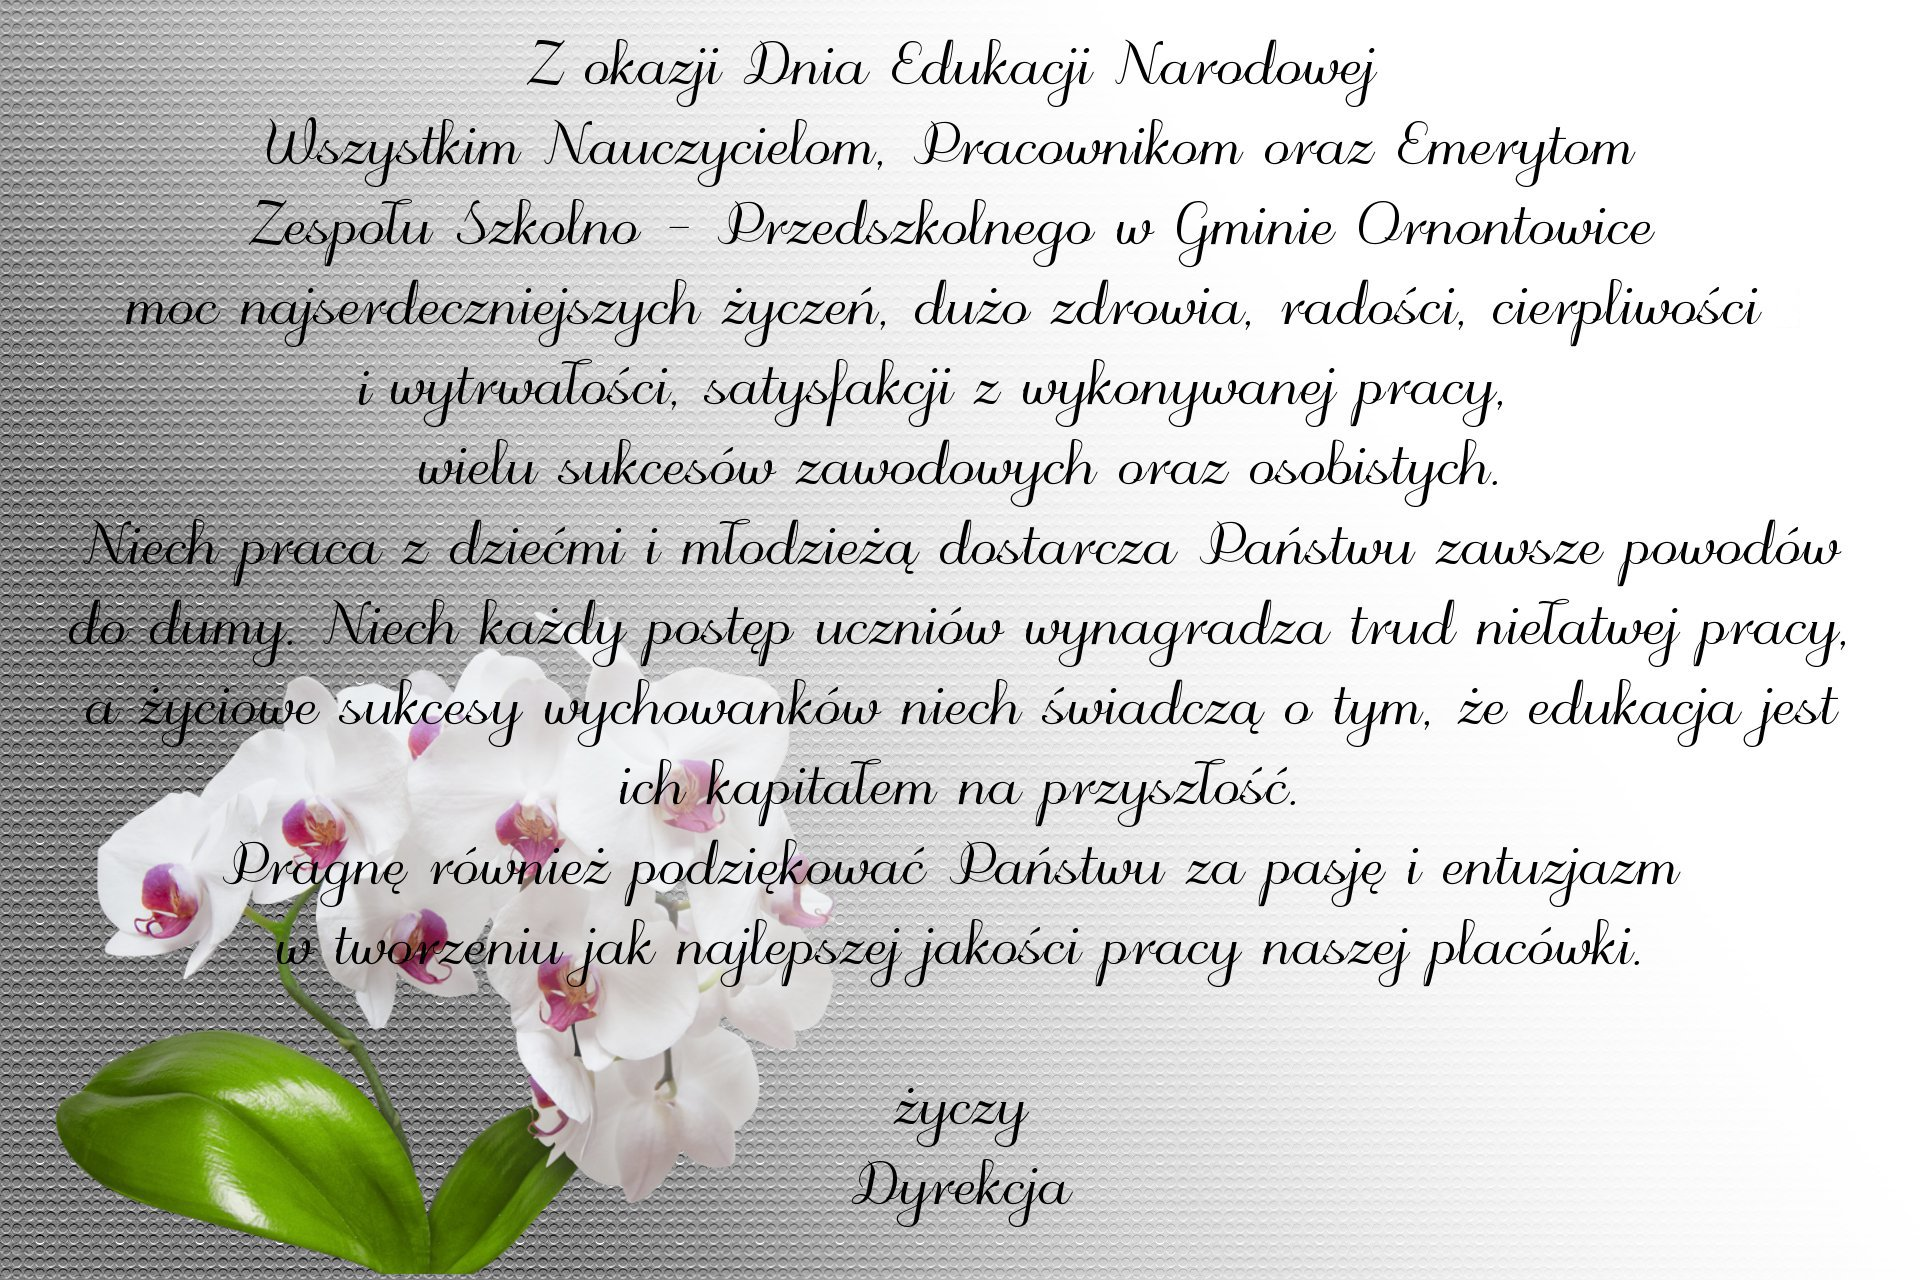 Życzenia z okazji Dnia Edukacji Narodowej